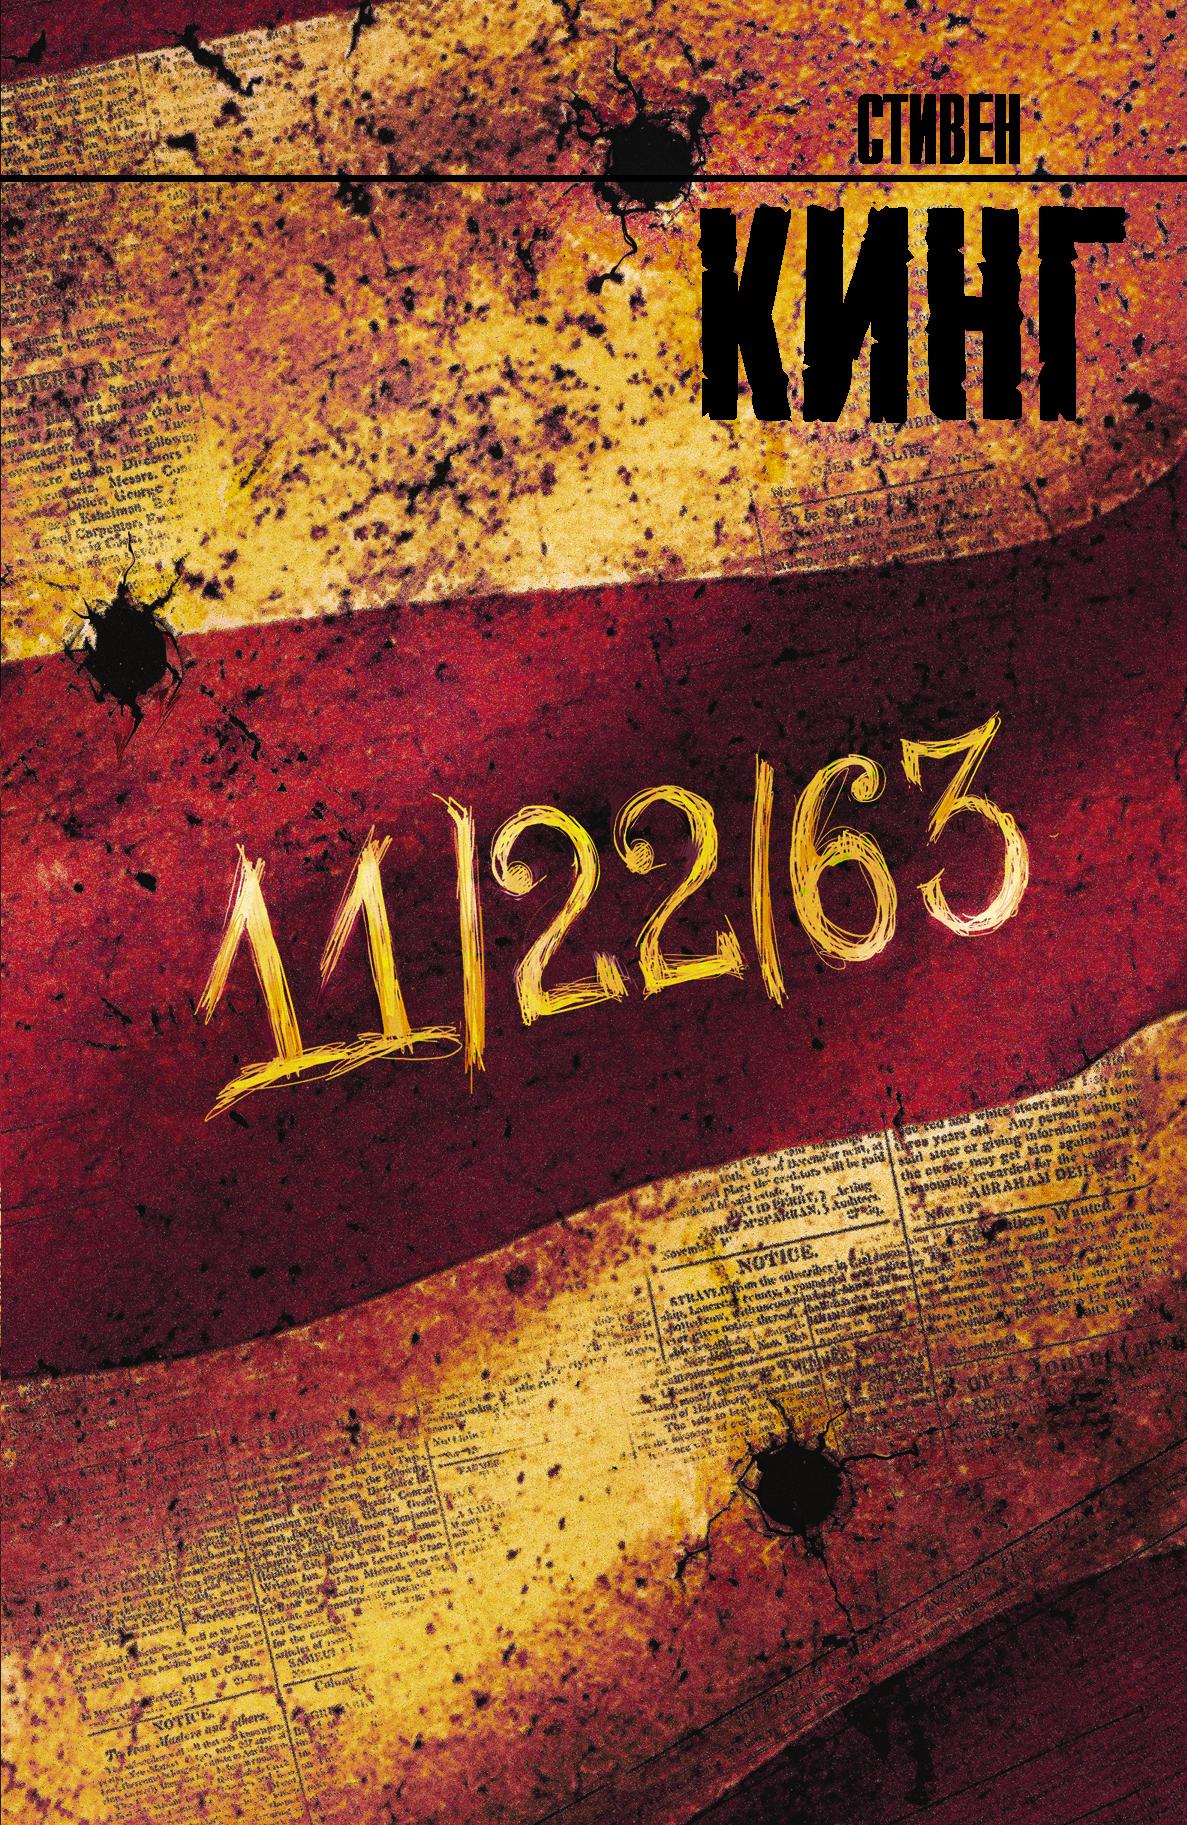 Стивен Кинг 11/22/63 аудиокн кинг 11 22 63